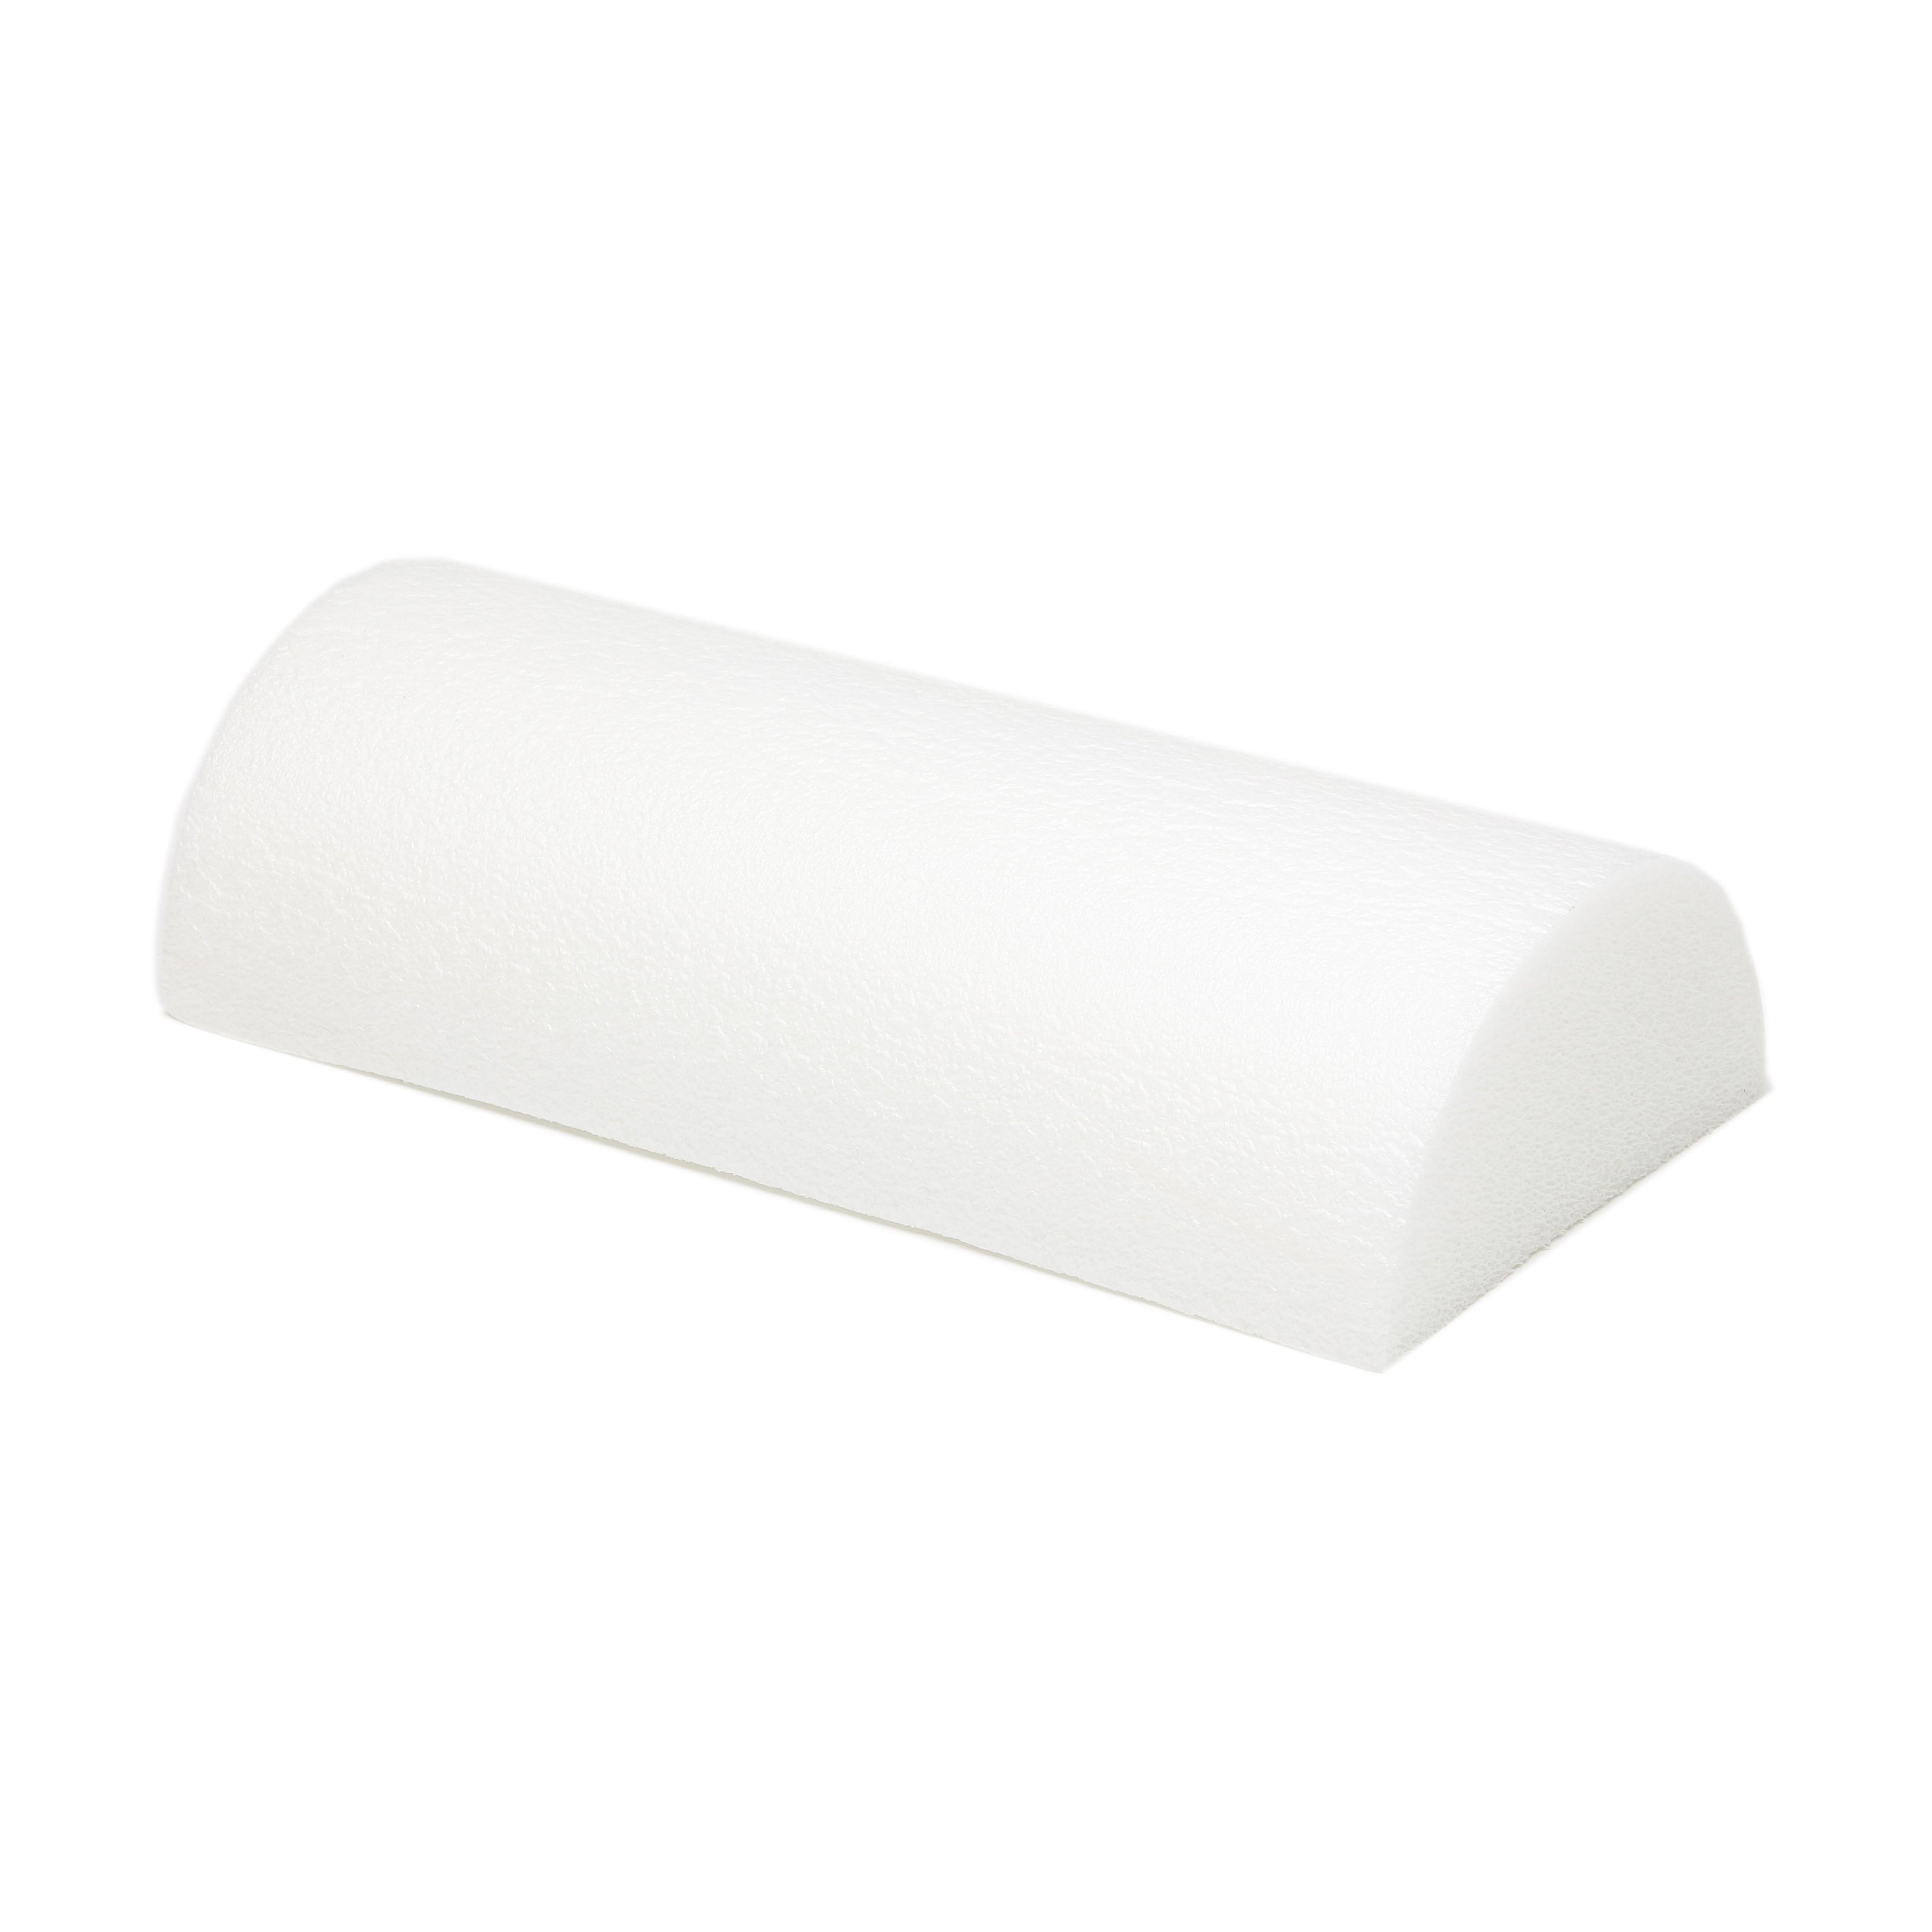 13.Half Foam Roll